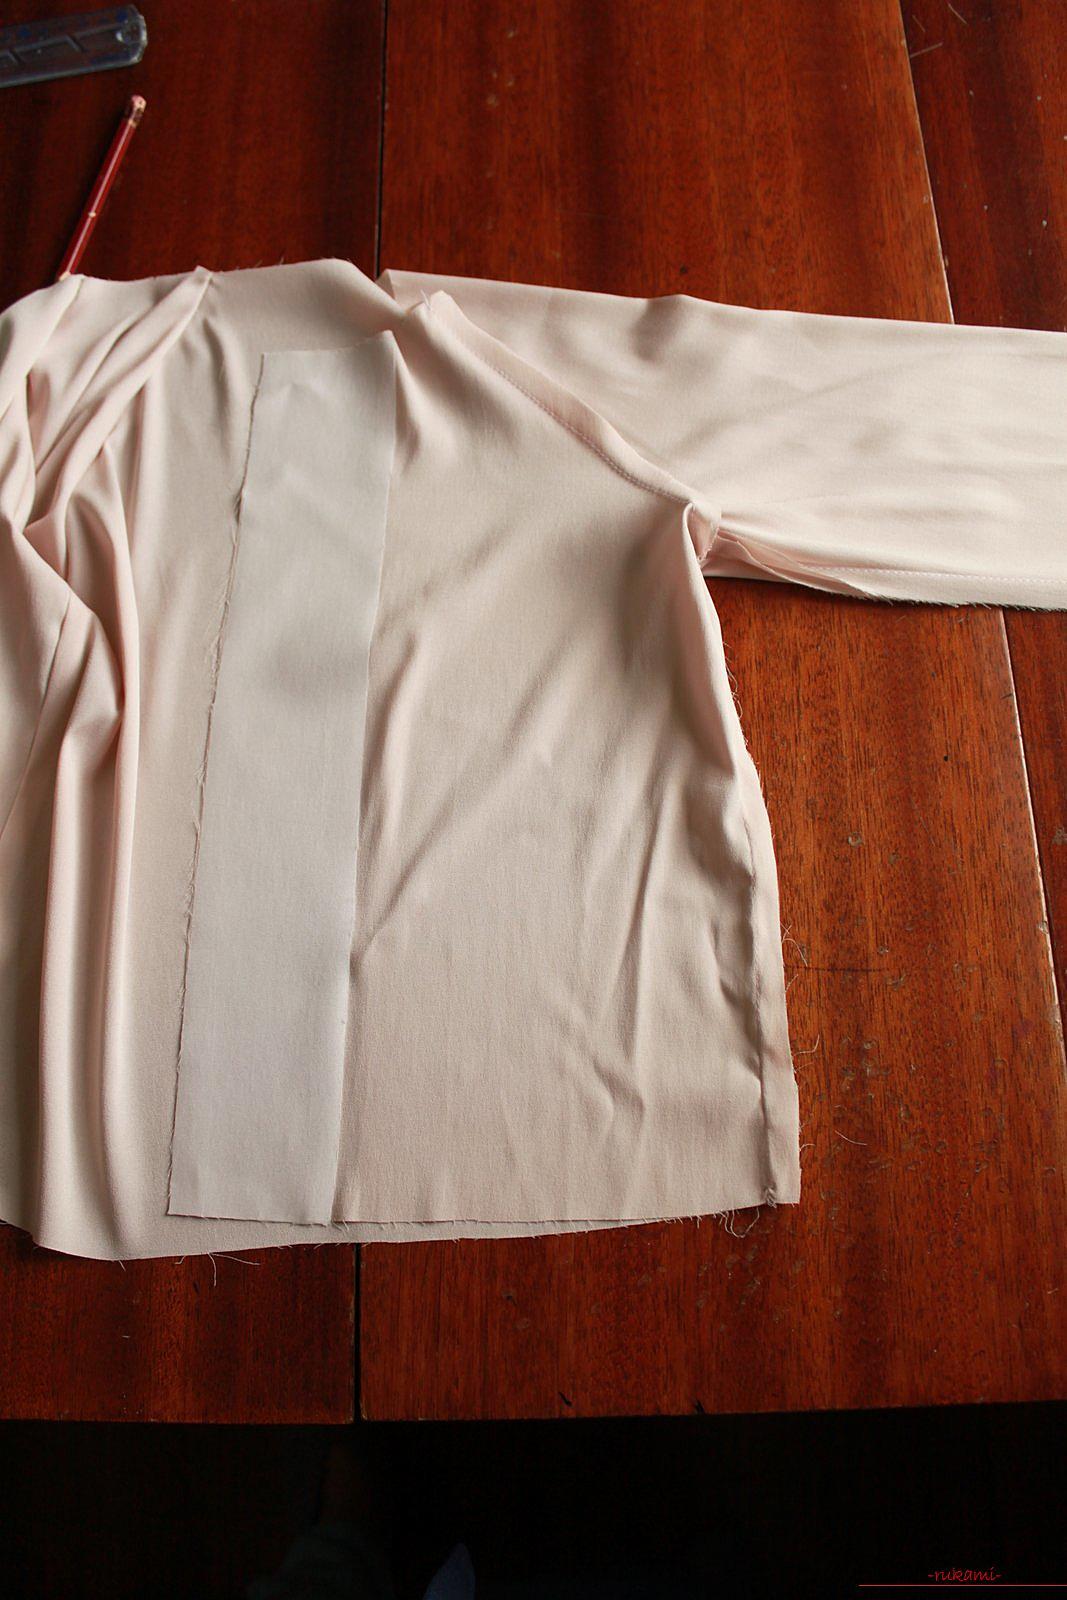 Этот мастер-класс с выкройкой одежды для девочек, фото и описанием шитья детской одежды расскажет как сшить куртки для девочек.. Фото №35